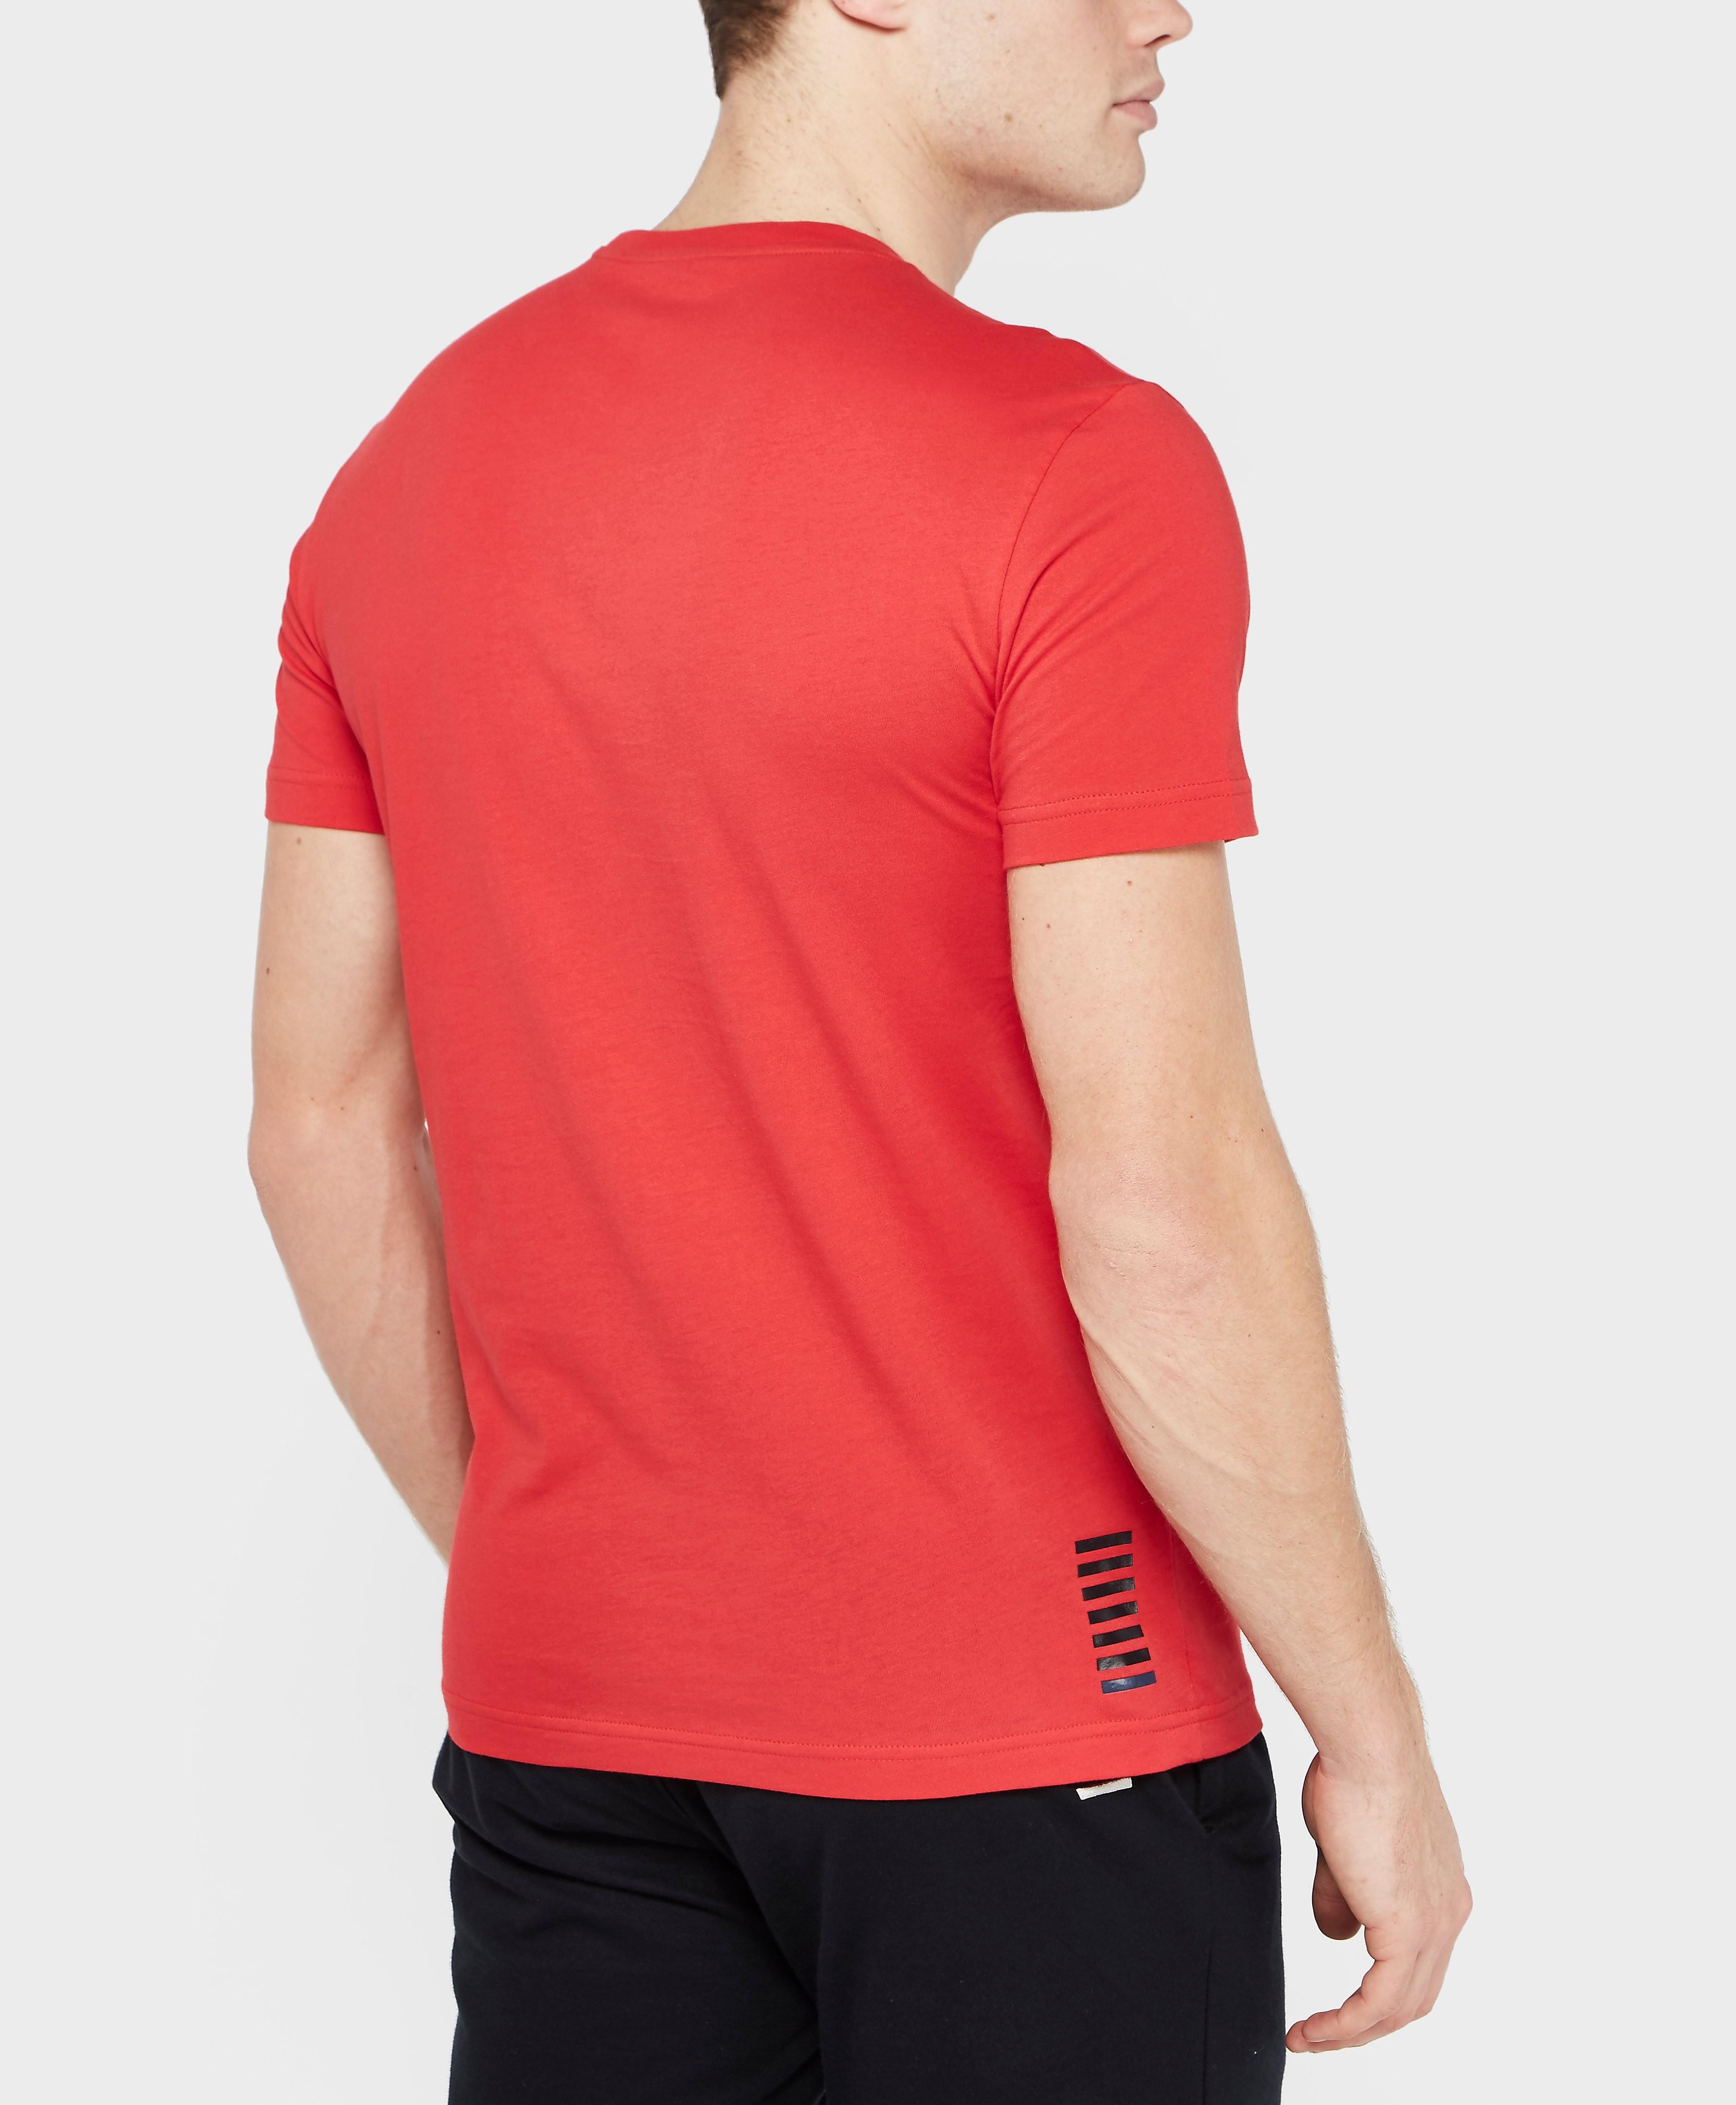 Emporio Armani EA7 Core Jersey Crew T-Shirt